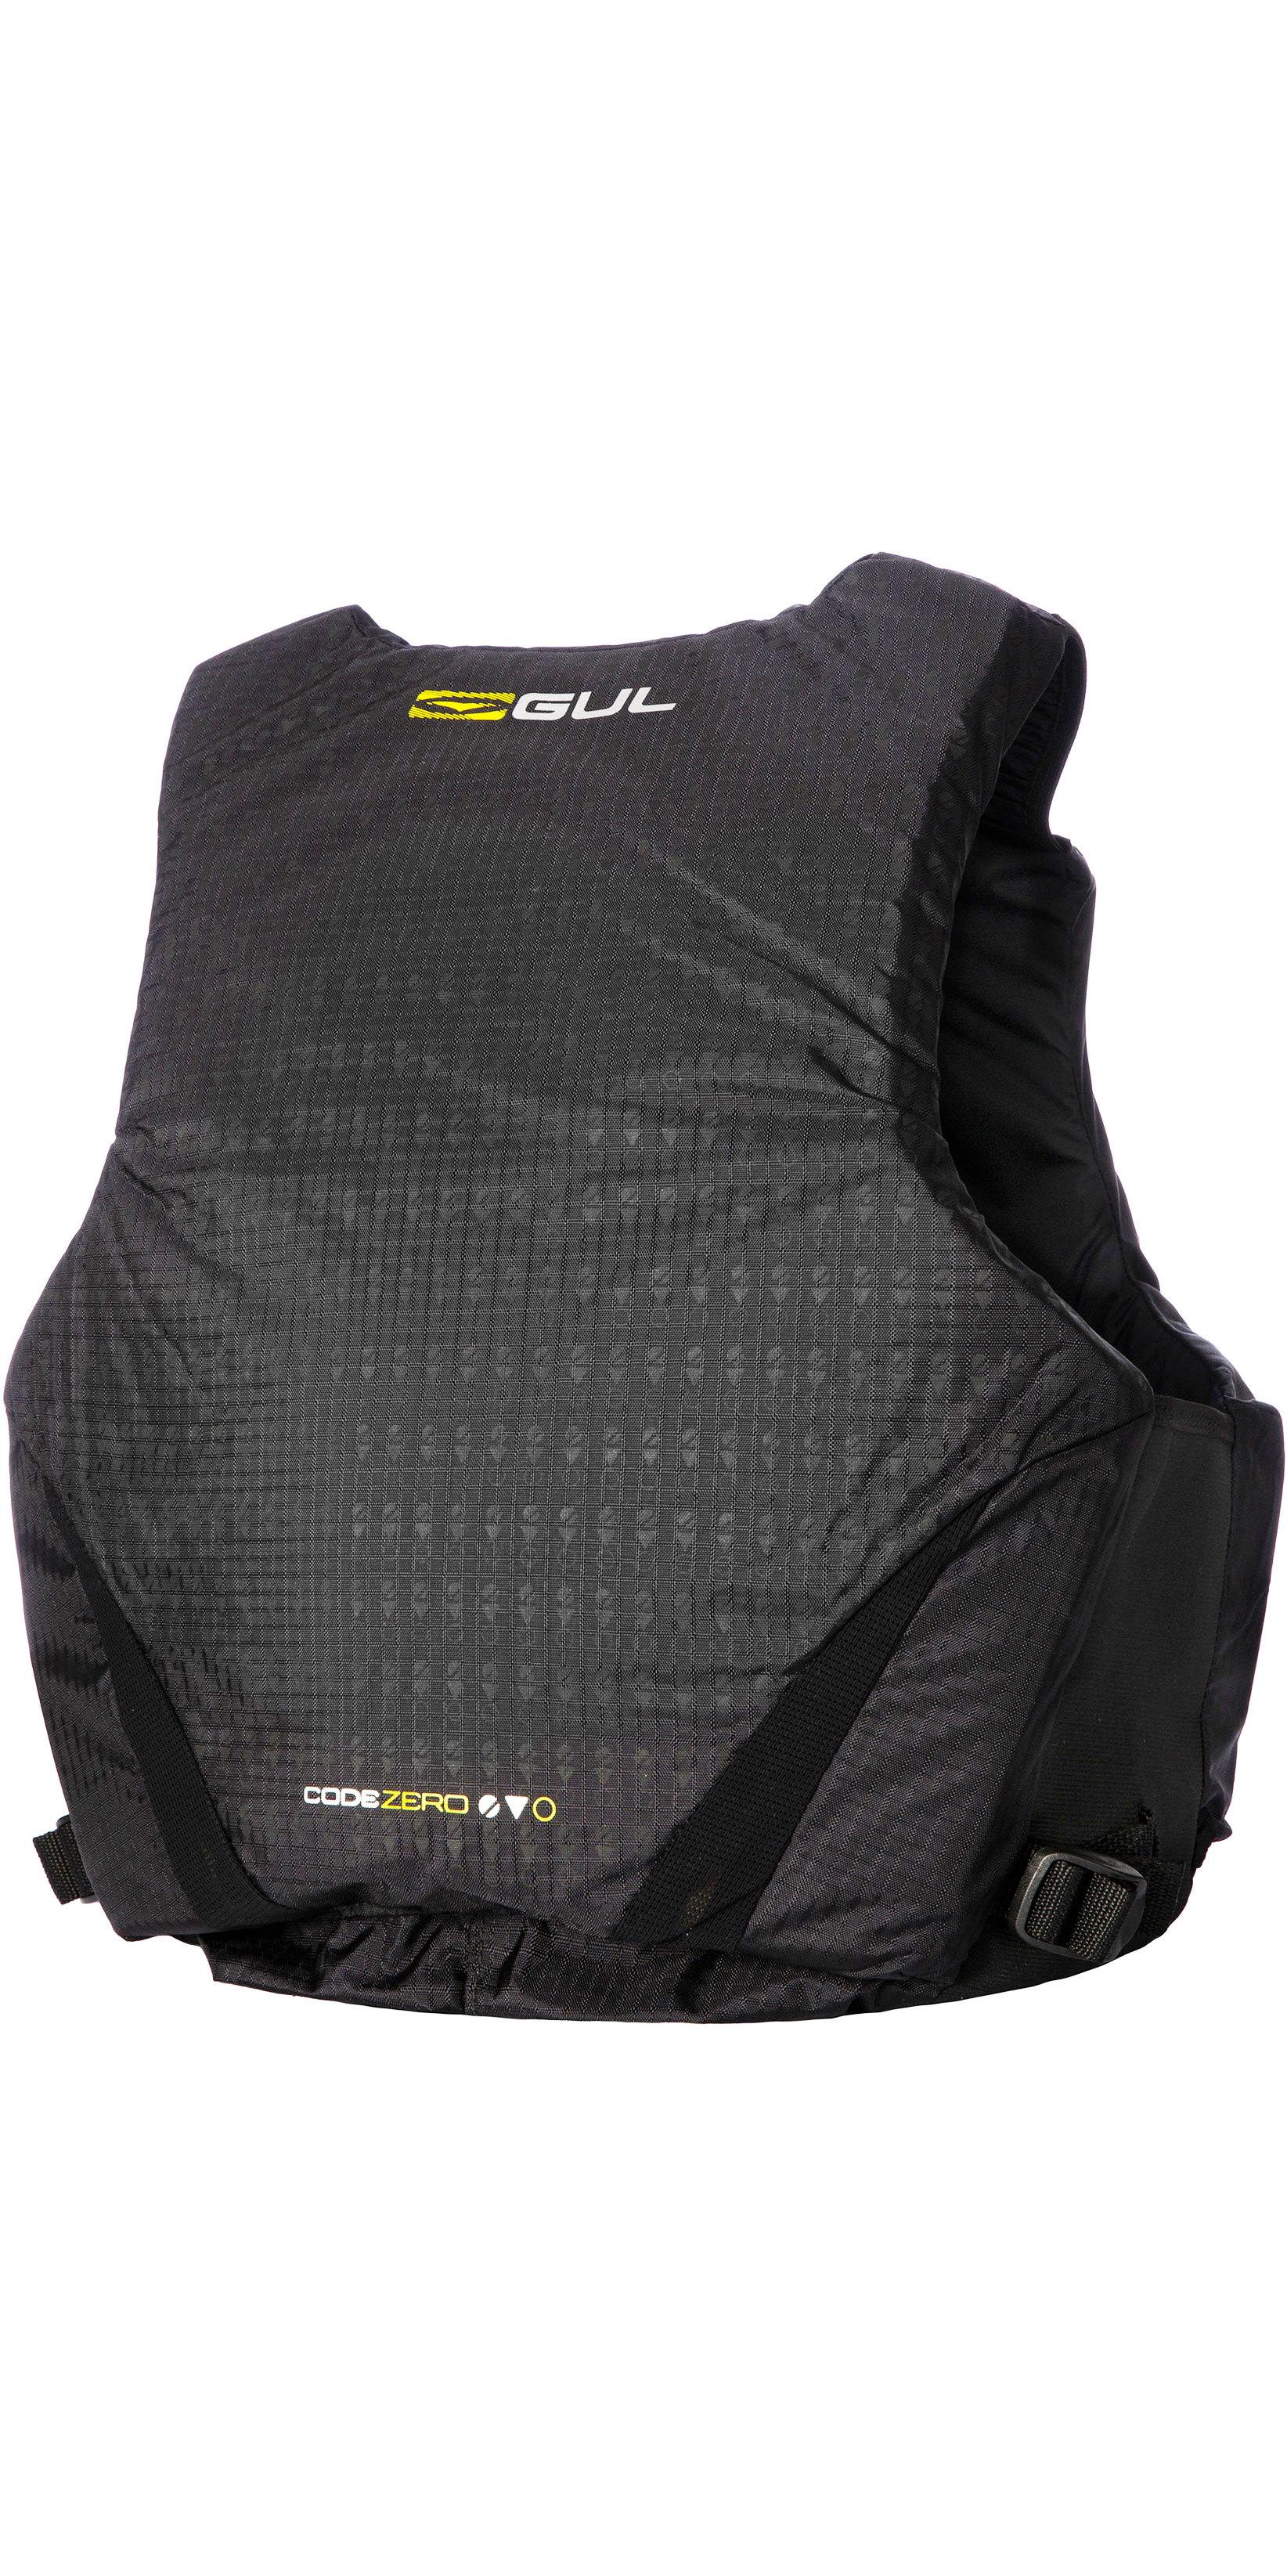 2020 Gul Code Zero Evo 50N Buoyancy Aid GM0379-A9 - Black